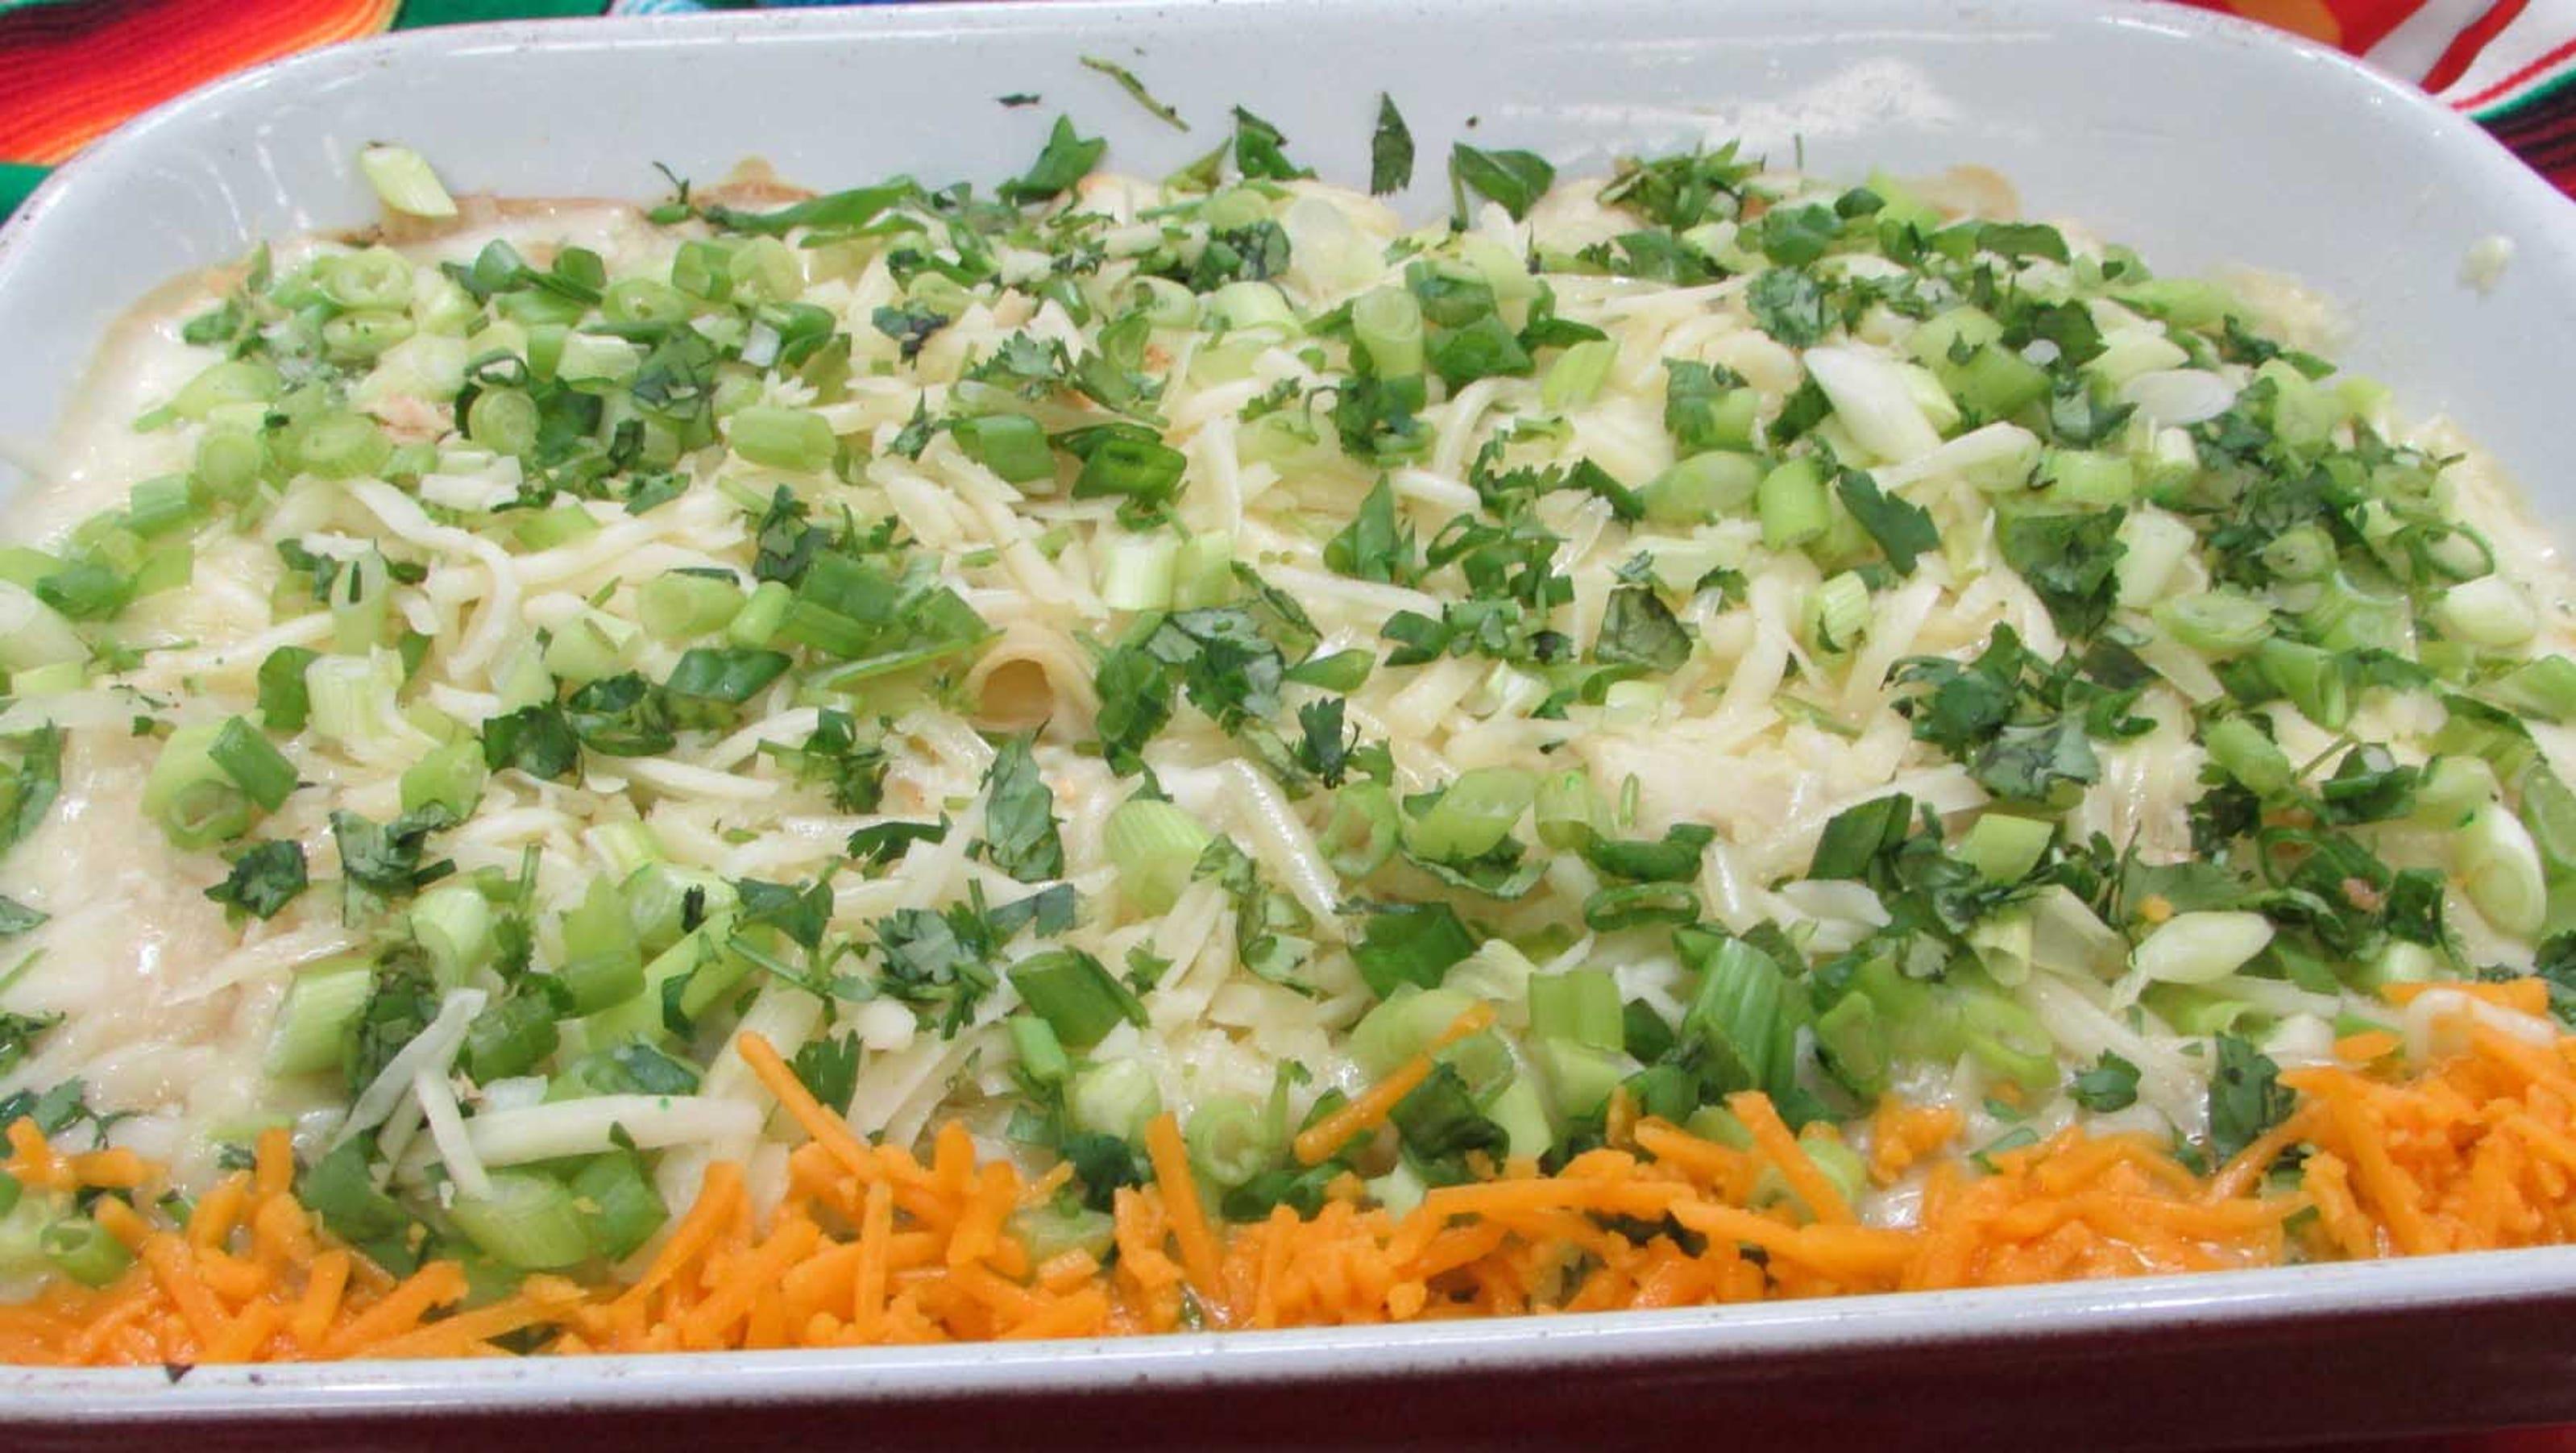 Layered Nacho S... Nacho Salat